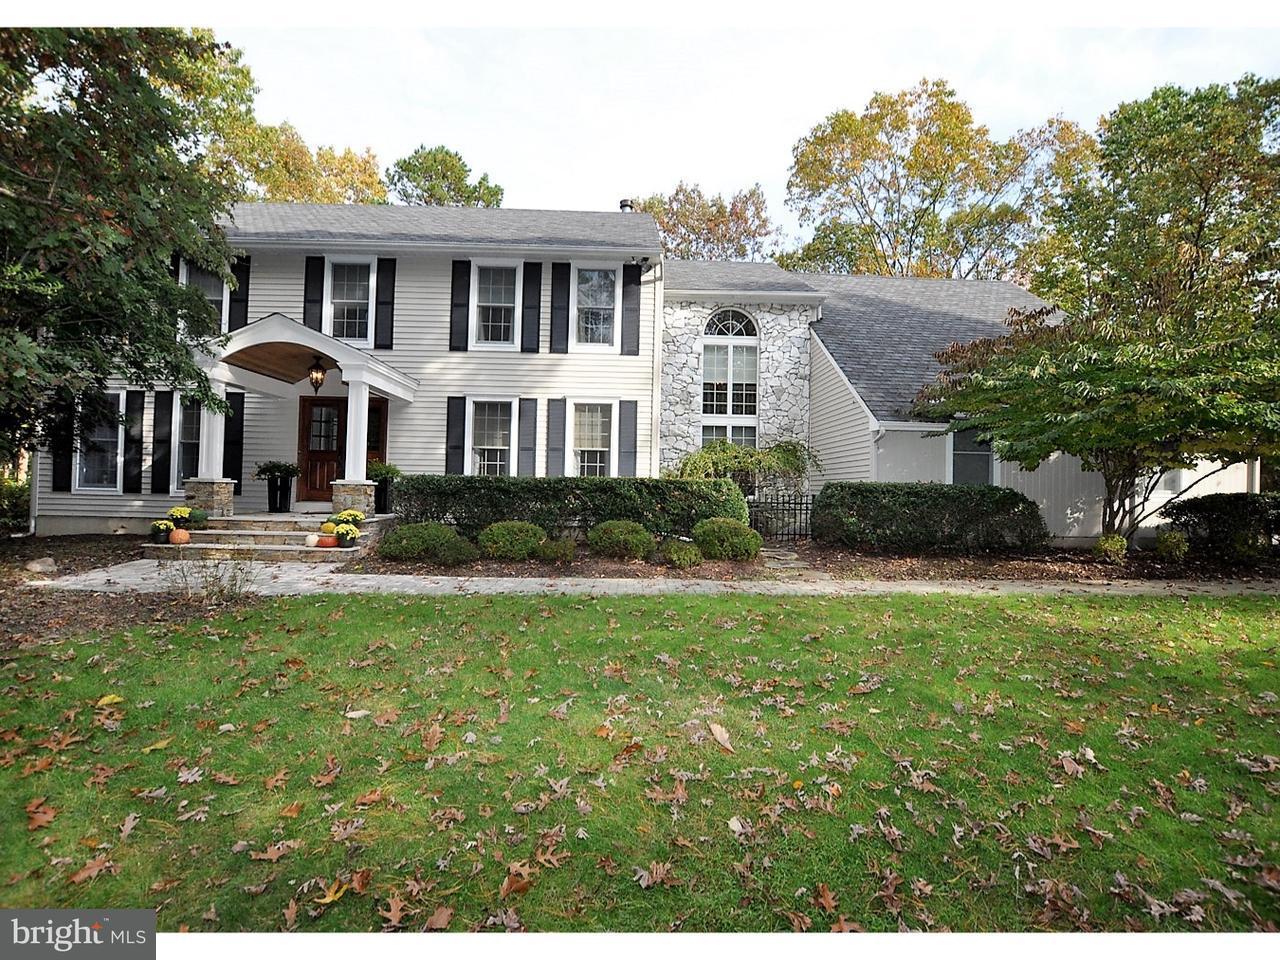 独户住宅 为 销售 在 20 FOX HILL Drive Southampton, 新泽西州 08088 美国